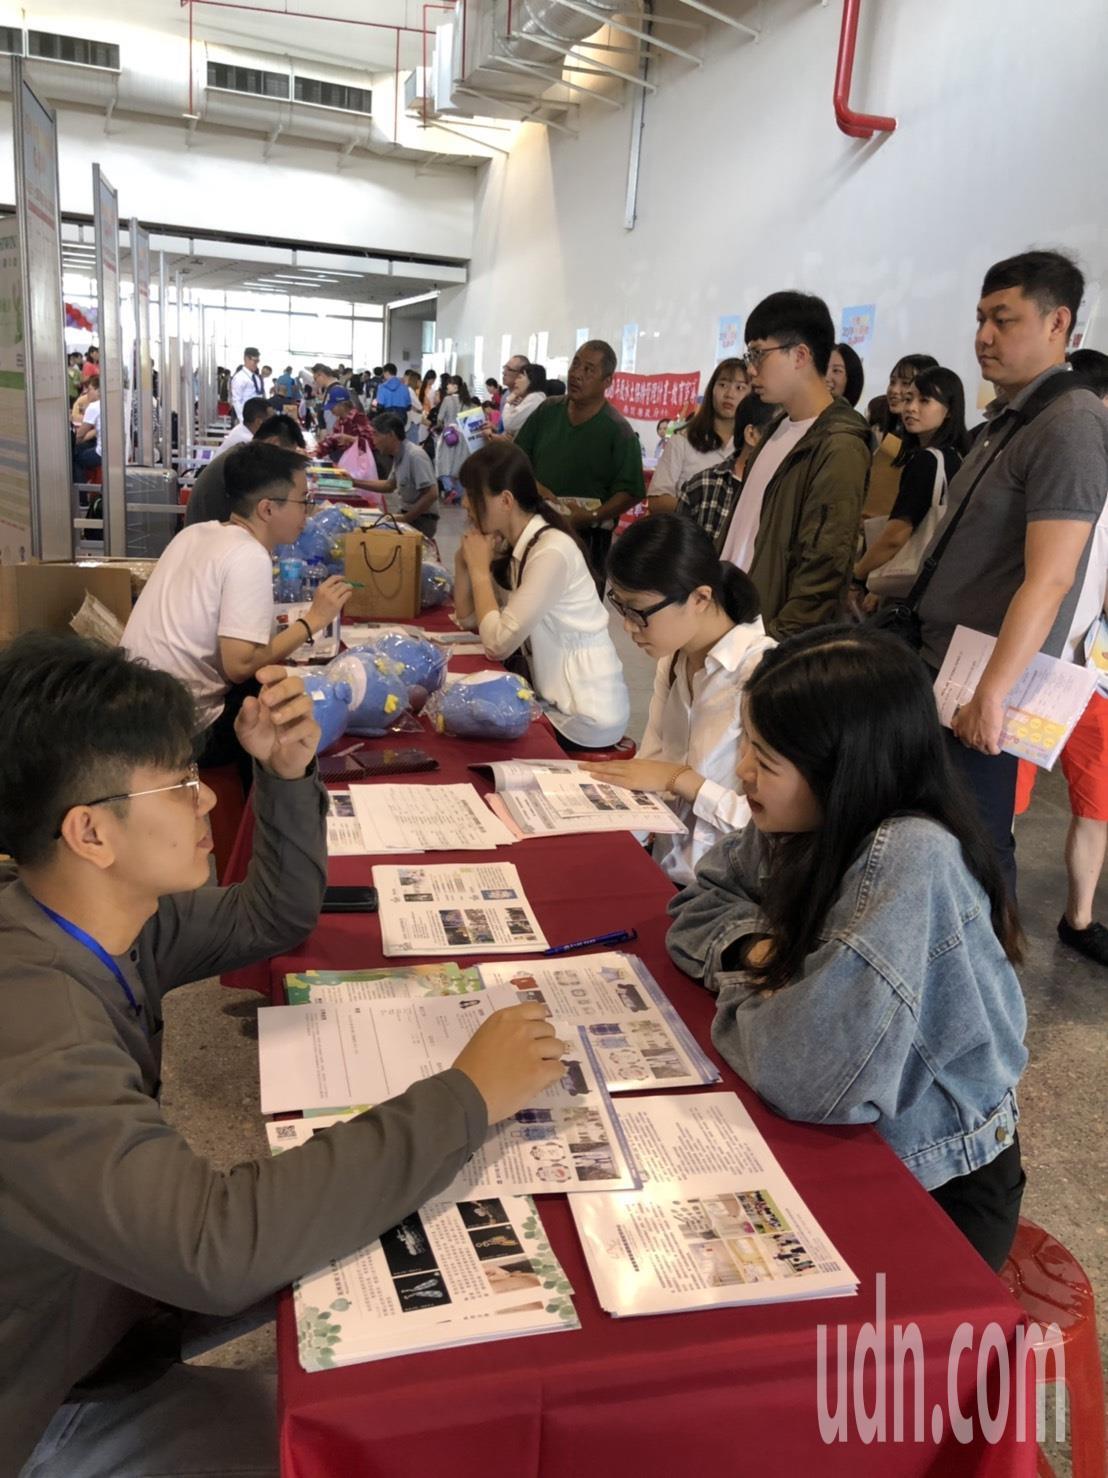 南投縣就業博覽會今天登場,吸引許多民眾前往求職,除了提供6000個職缺,浙江台商...